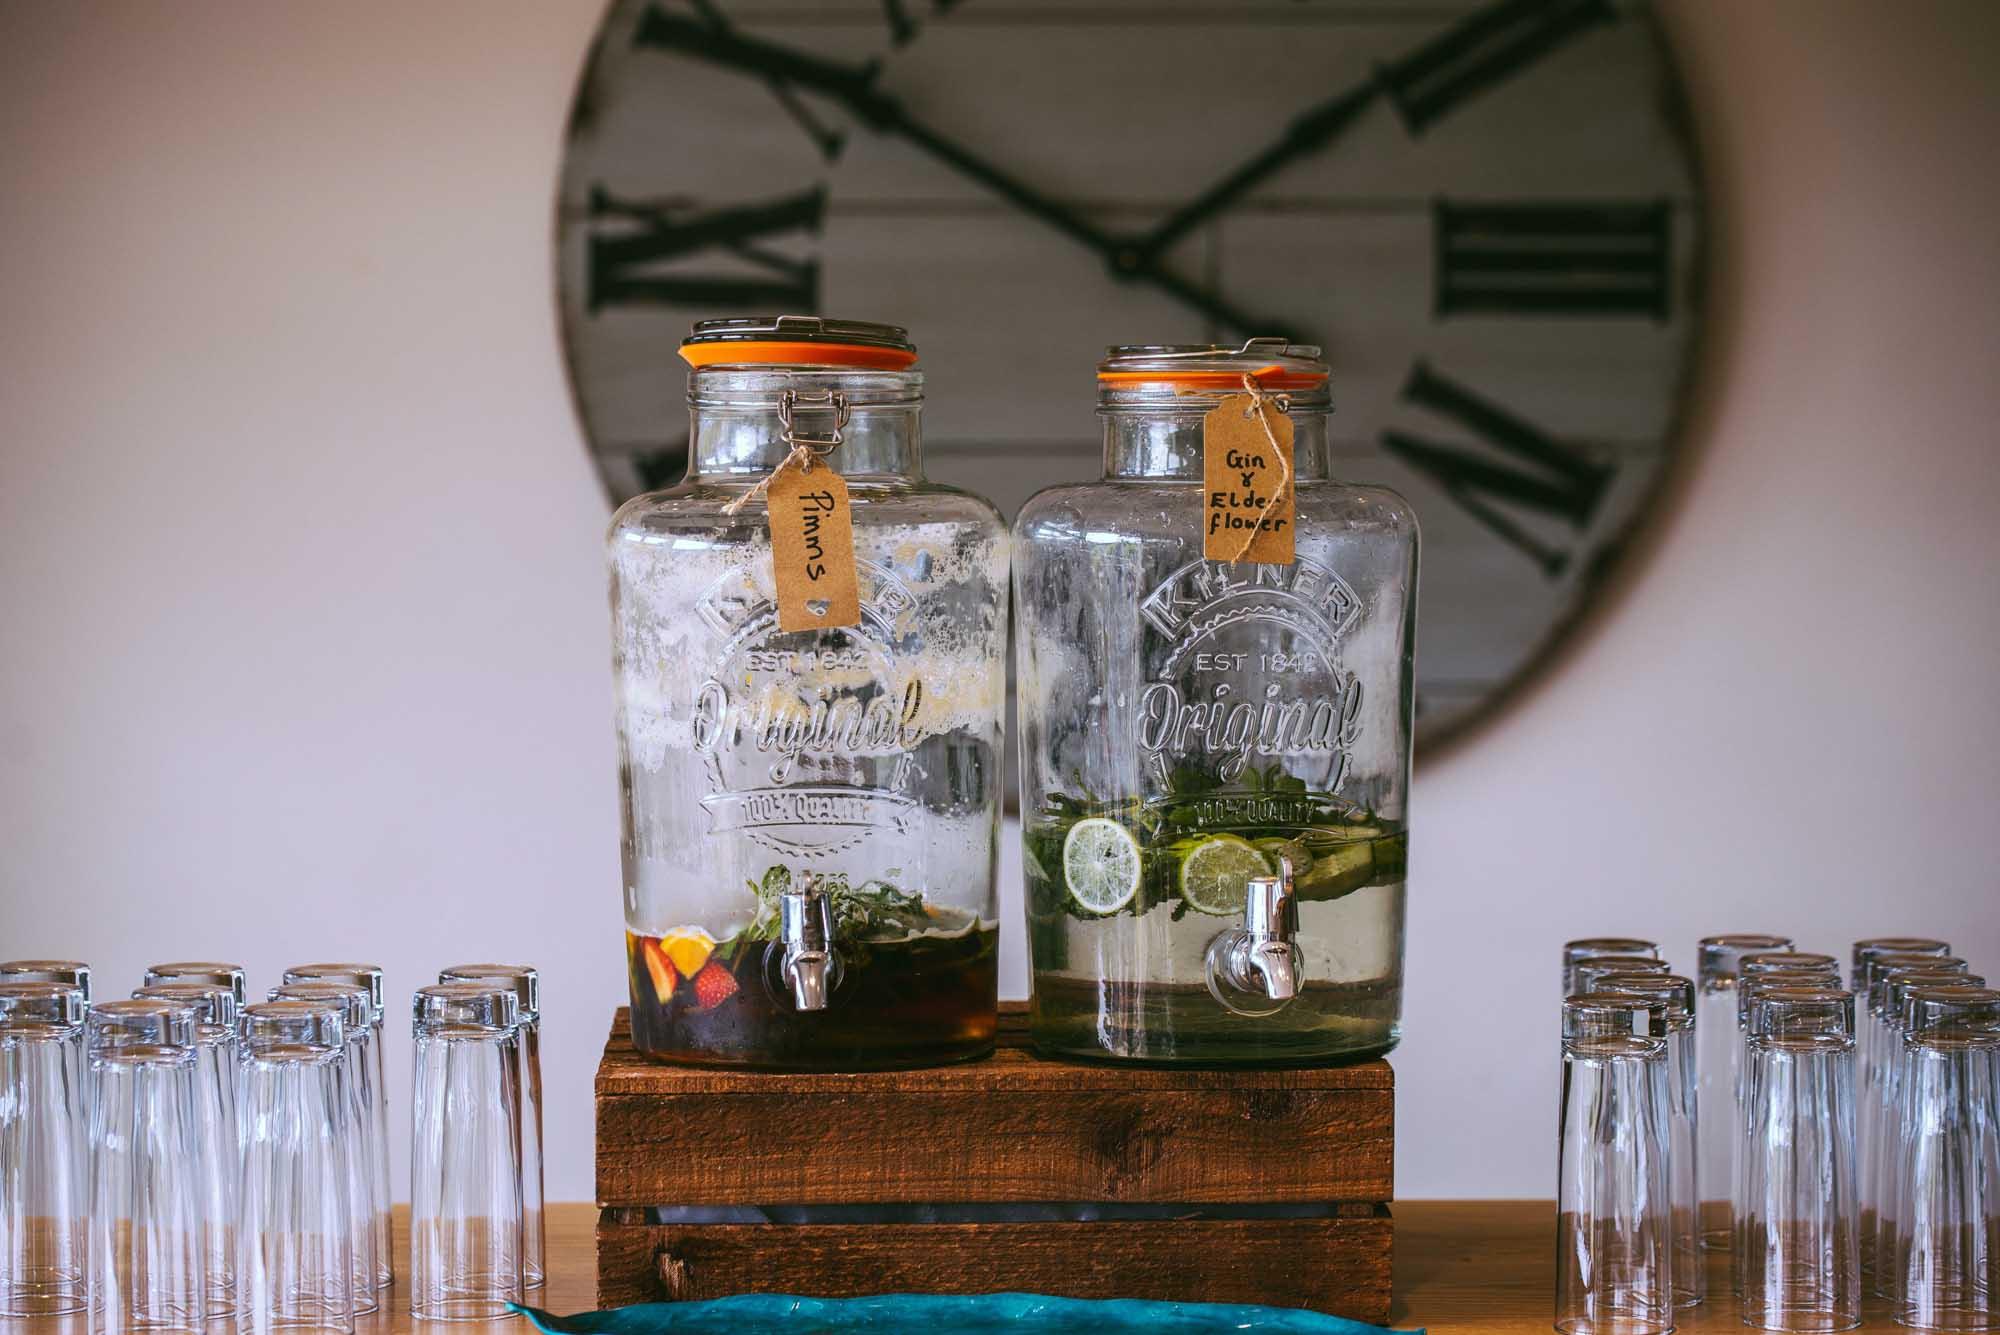 Mit Getränkespendern für eure Punches und Batched Drinks können sich die Gäste selbst bedienen.